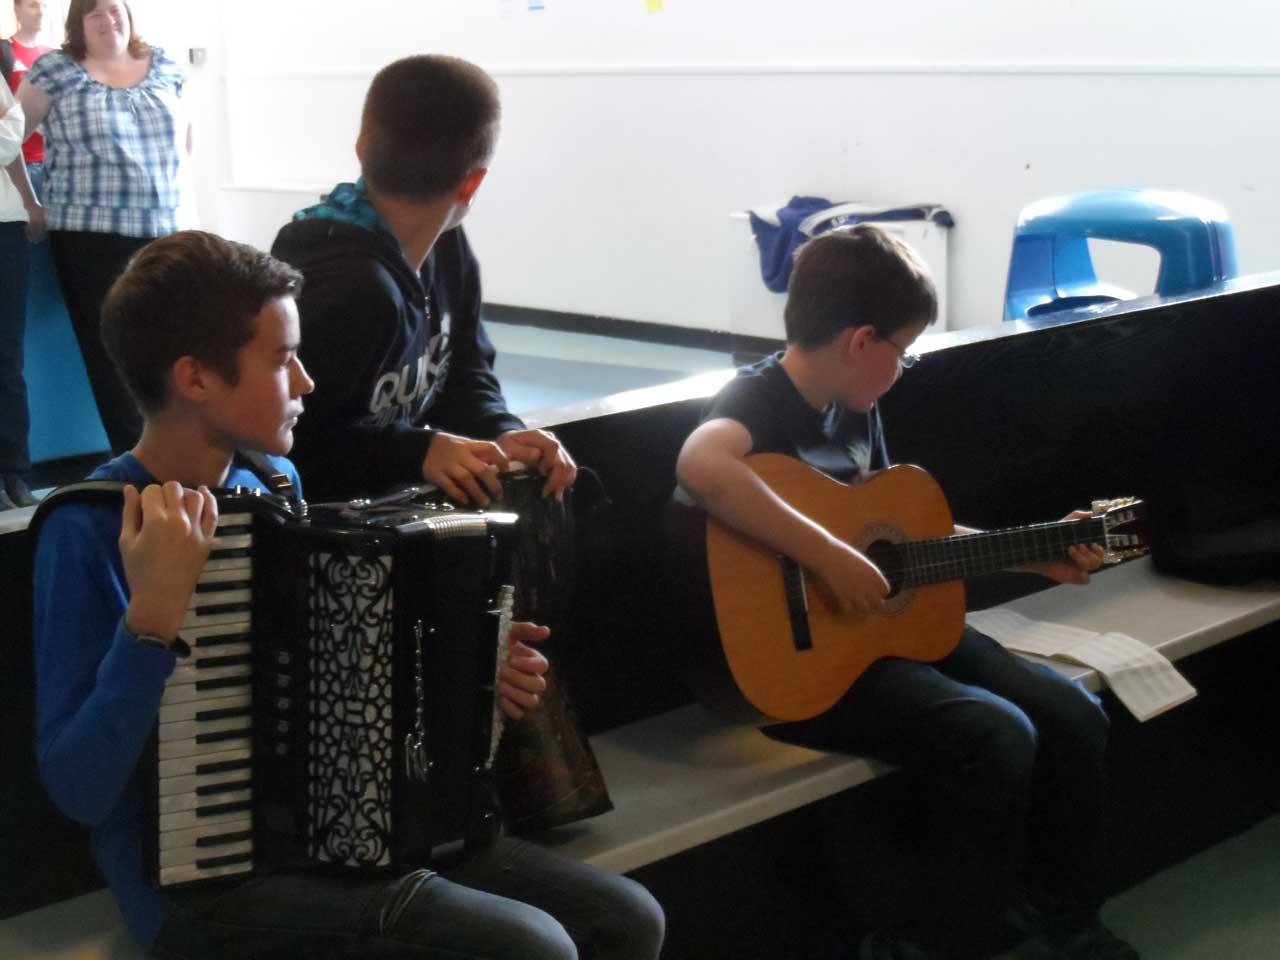 Photo: Feis Gallaibh At Thurso High School